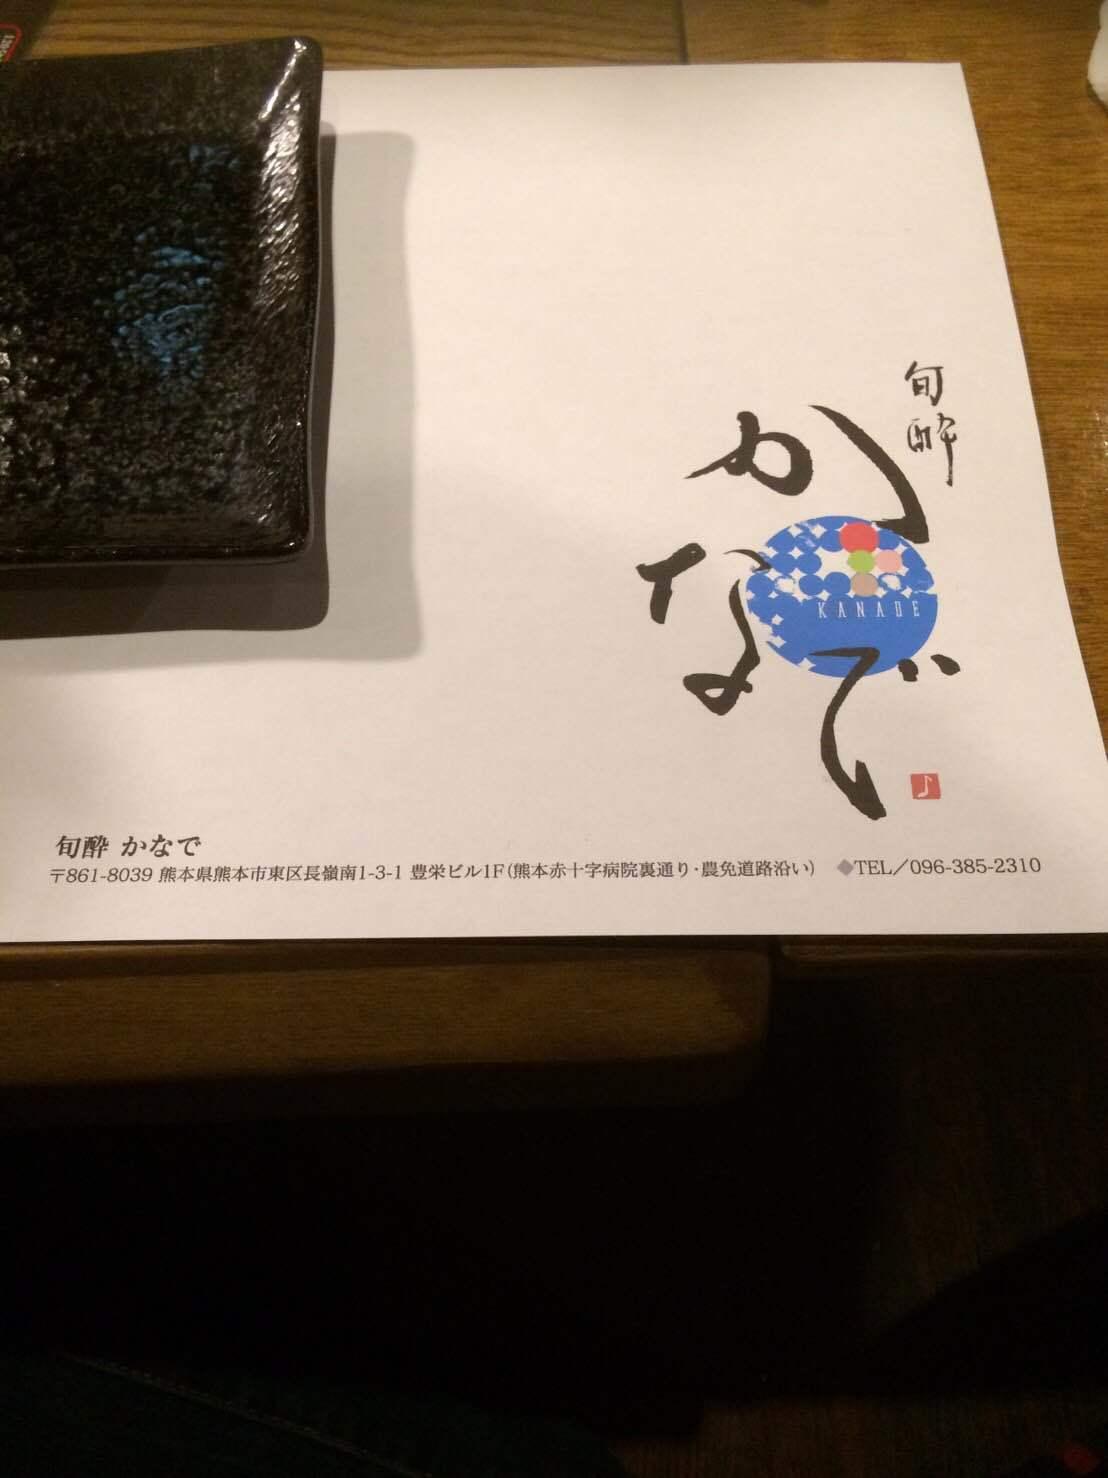 むすれぽ/熊本(野崎弁当担当)